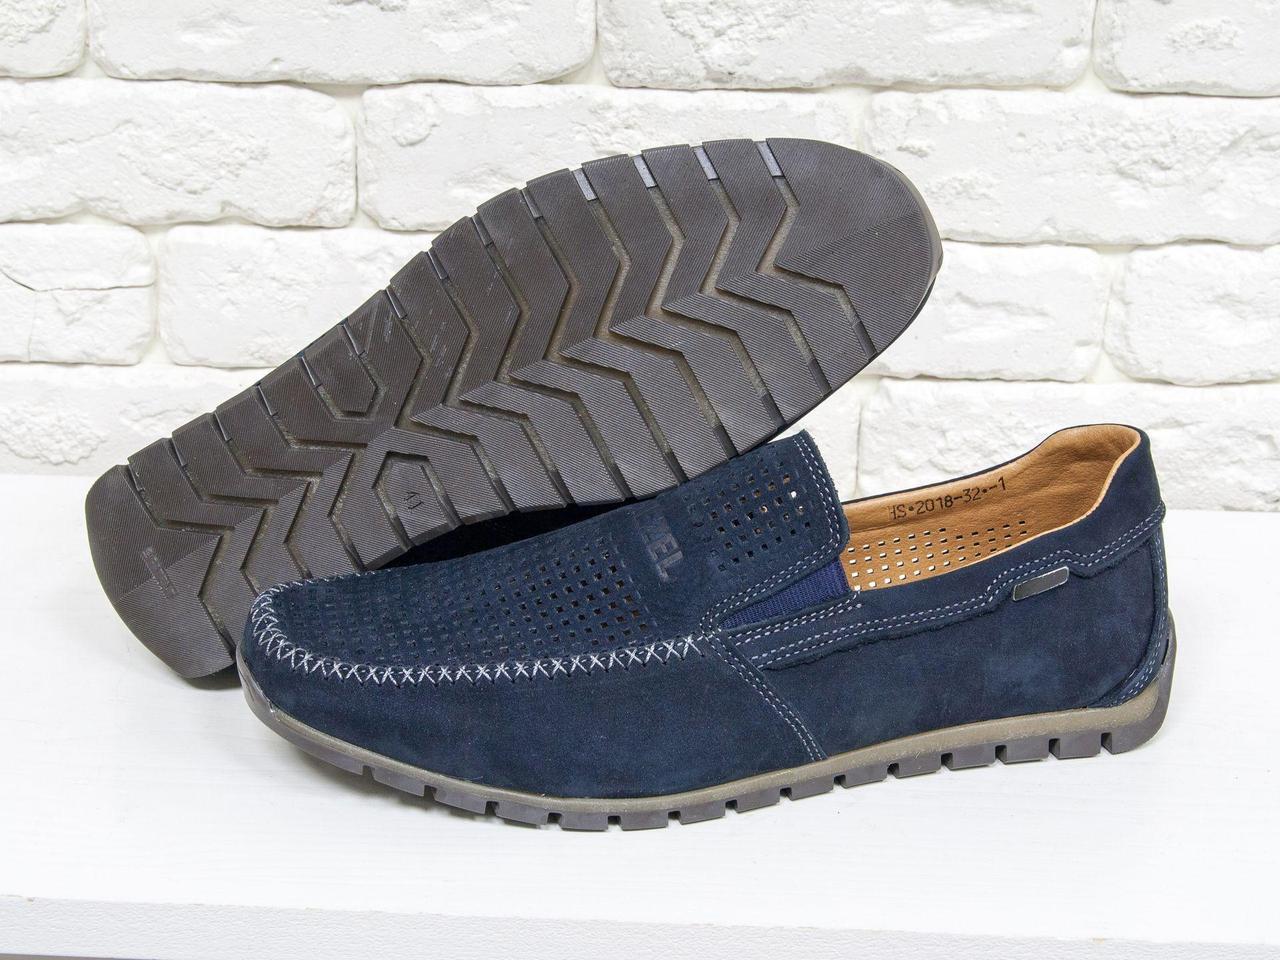 Летние мужские Туфли мокасины из перфорированной замши темно-синего цвета, на эластичной подошве Т-32